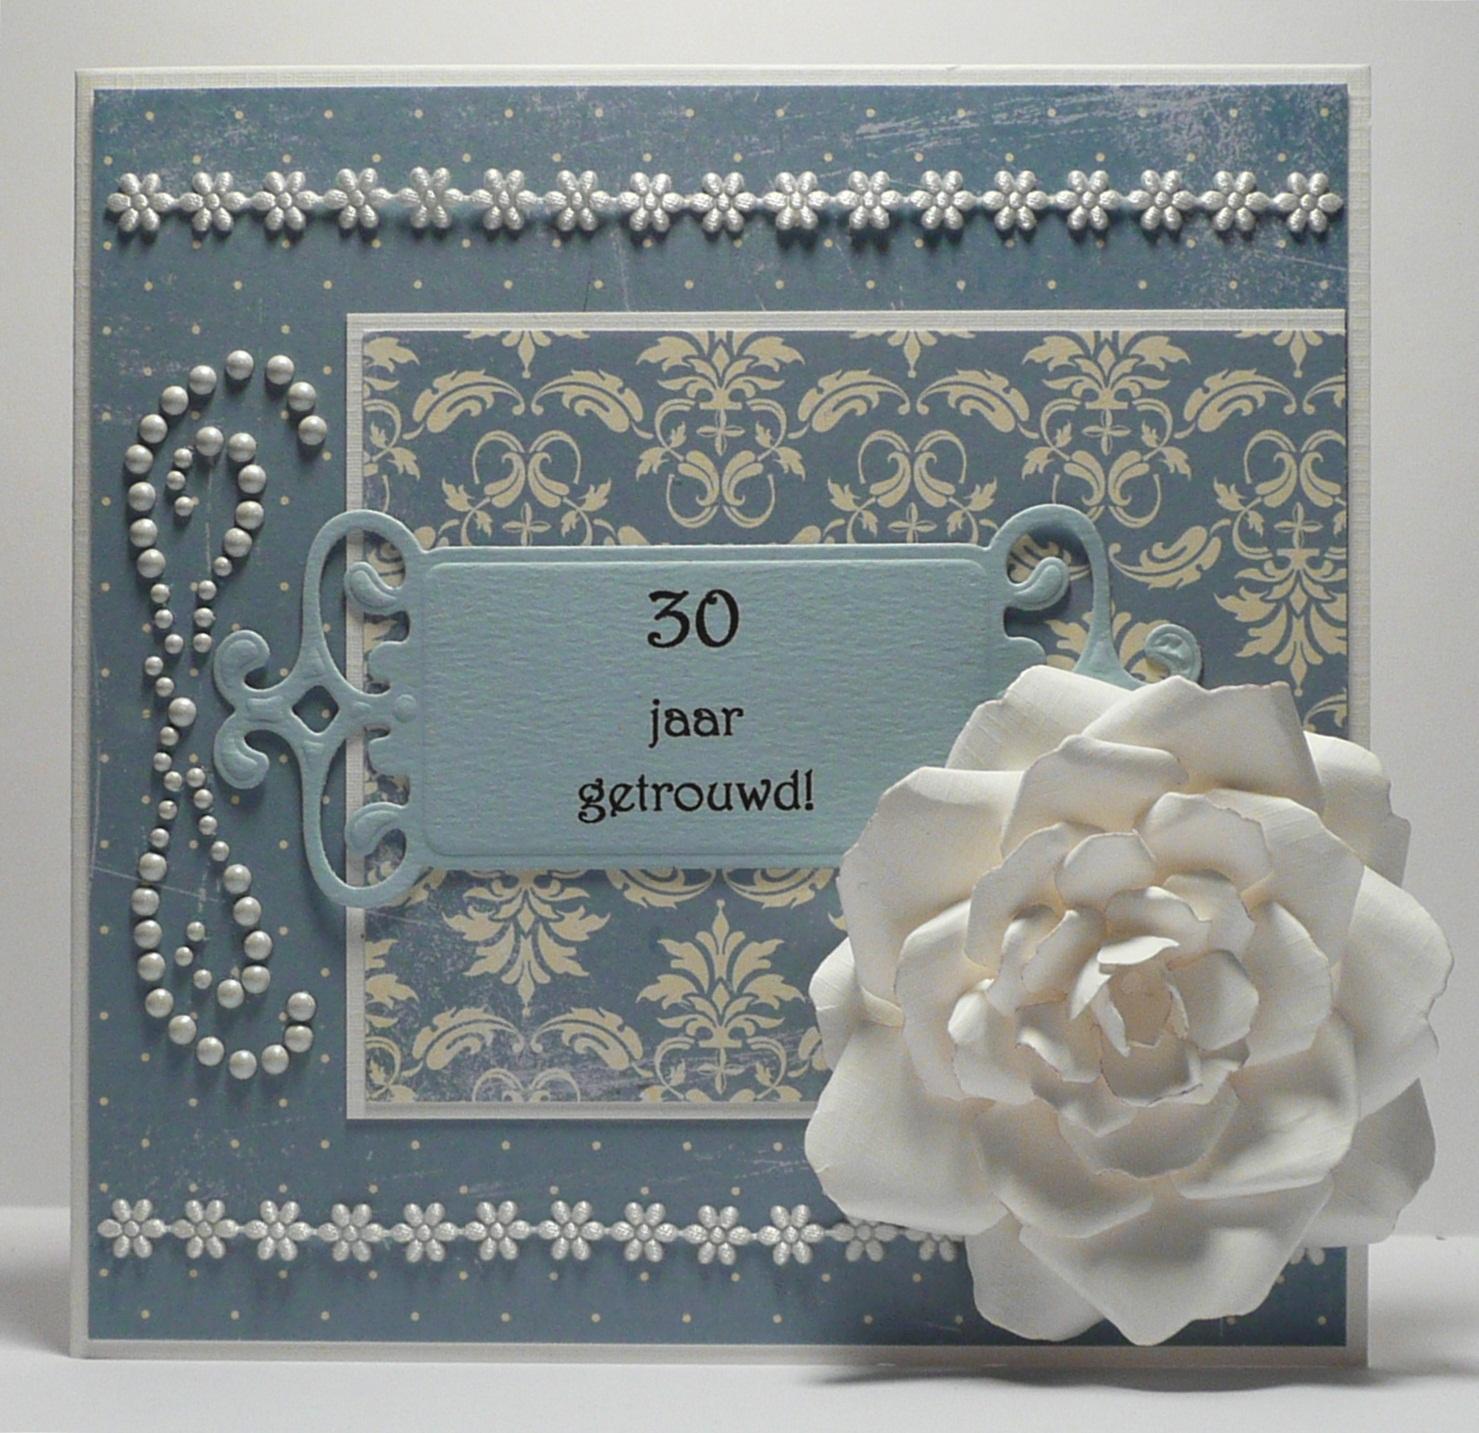 30 jaar getrouwd kleur crea10us: 30 jaar getrouwd. 30 jaar getrouwd kleur